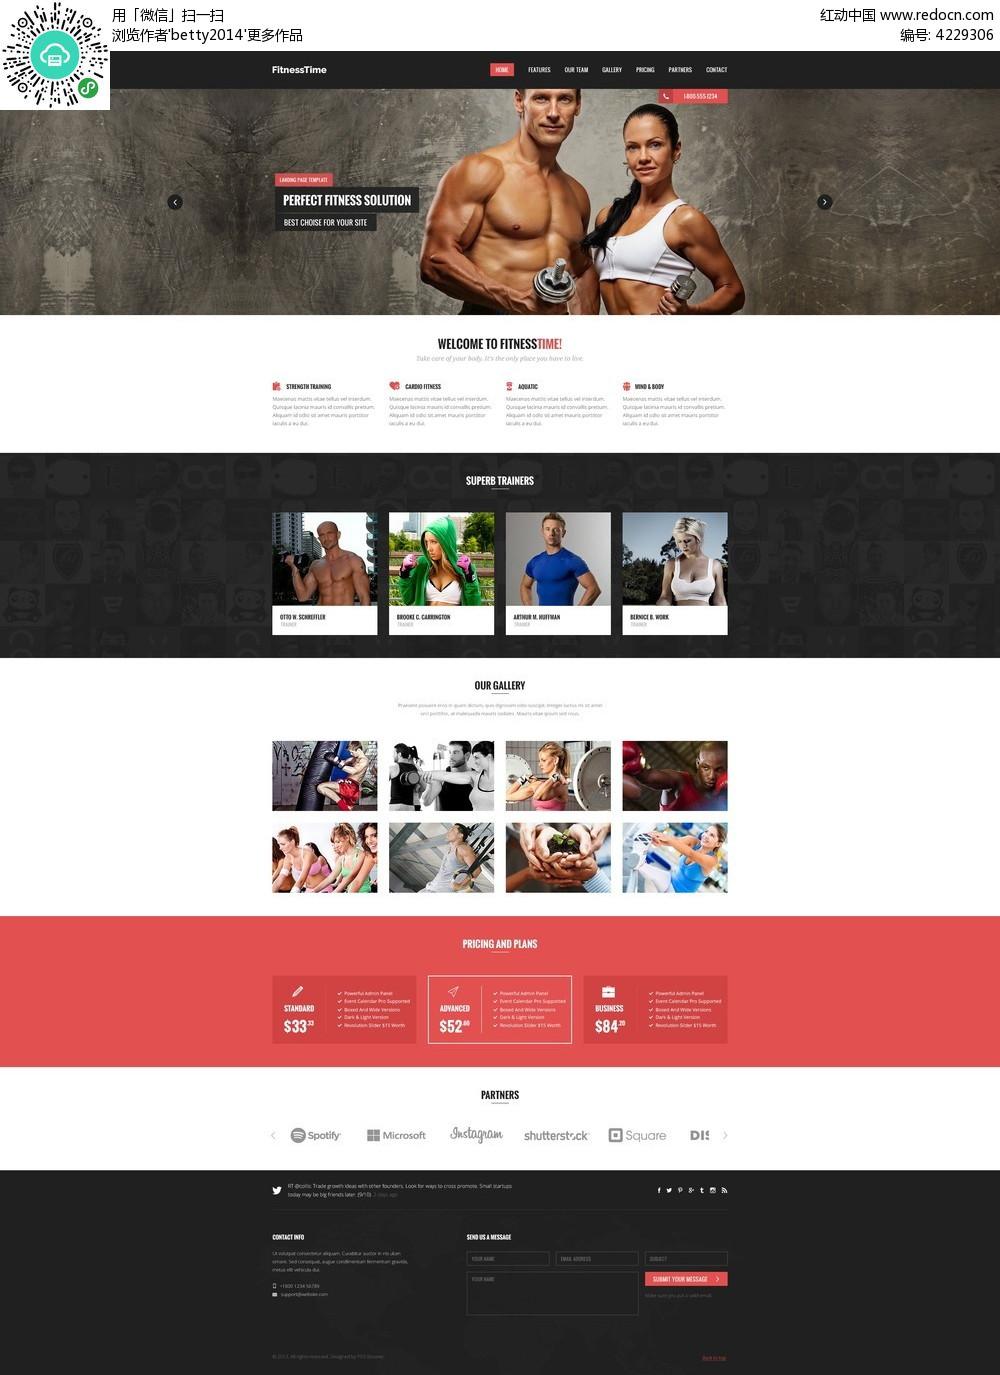 健身网站网页设计模板psd免费下载_app界面素材图片